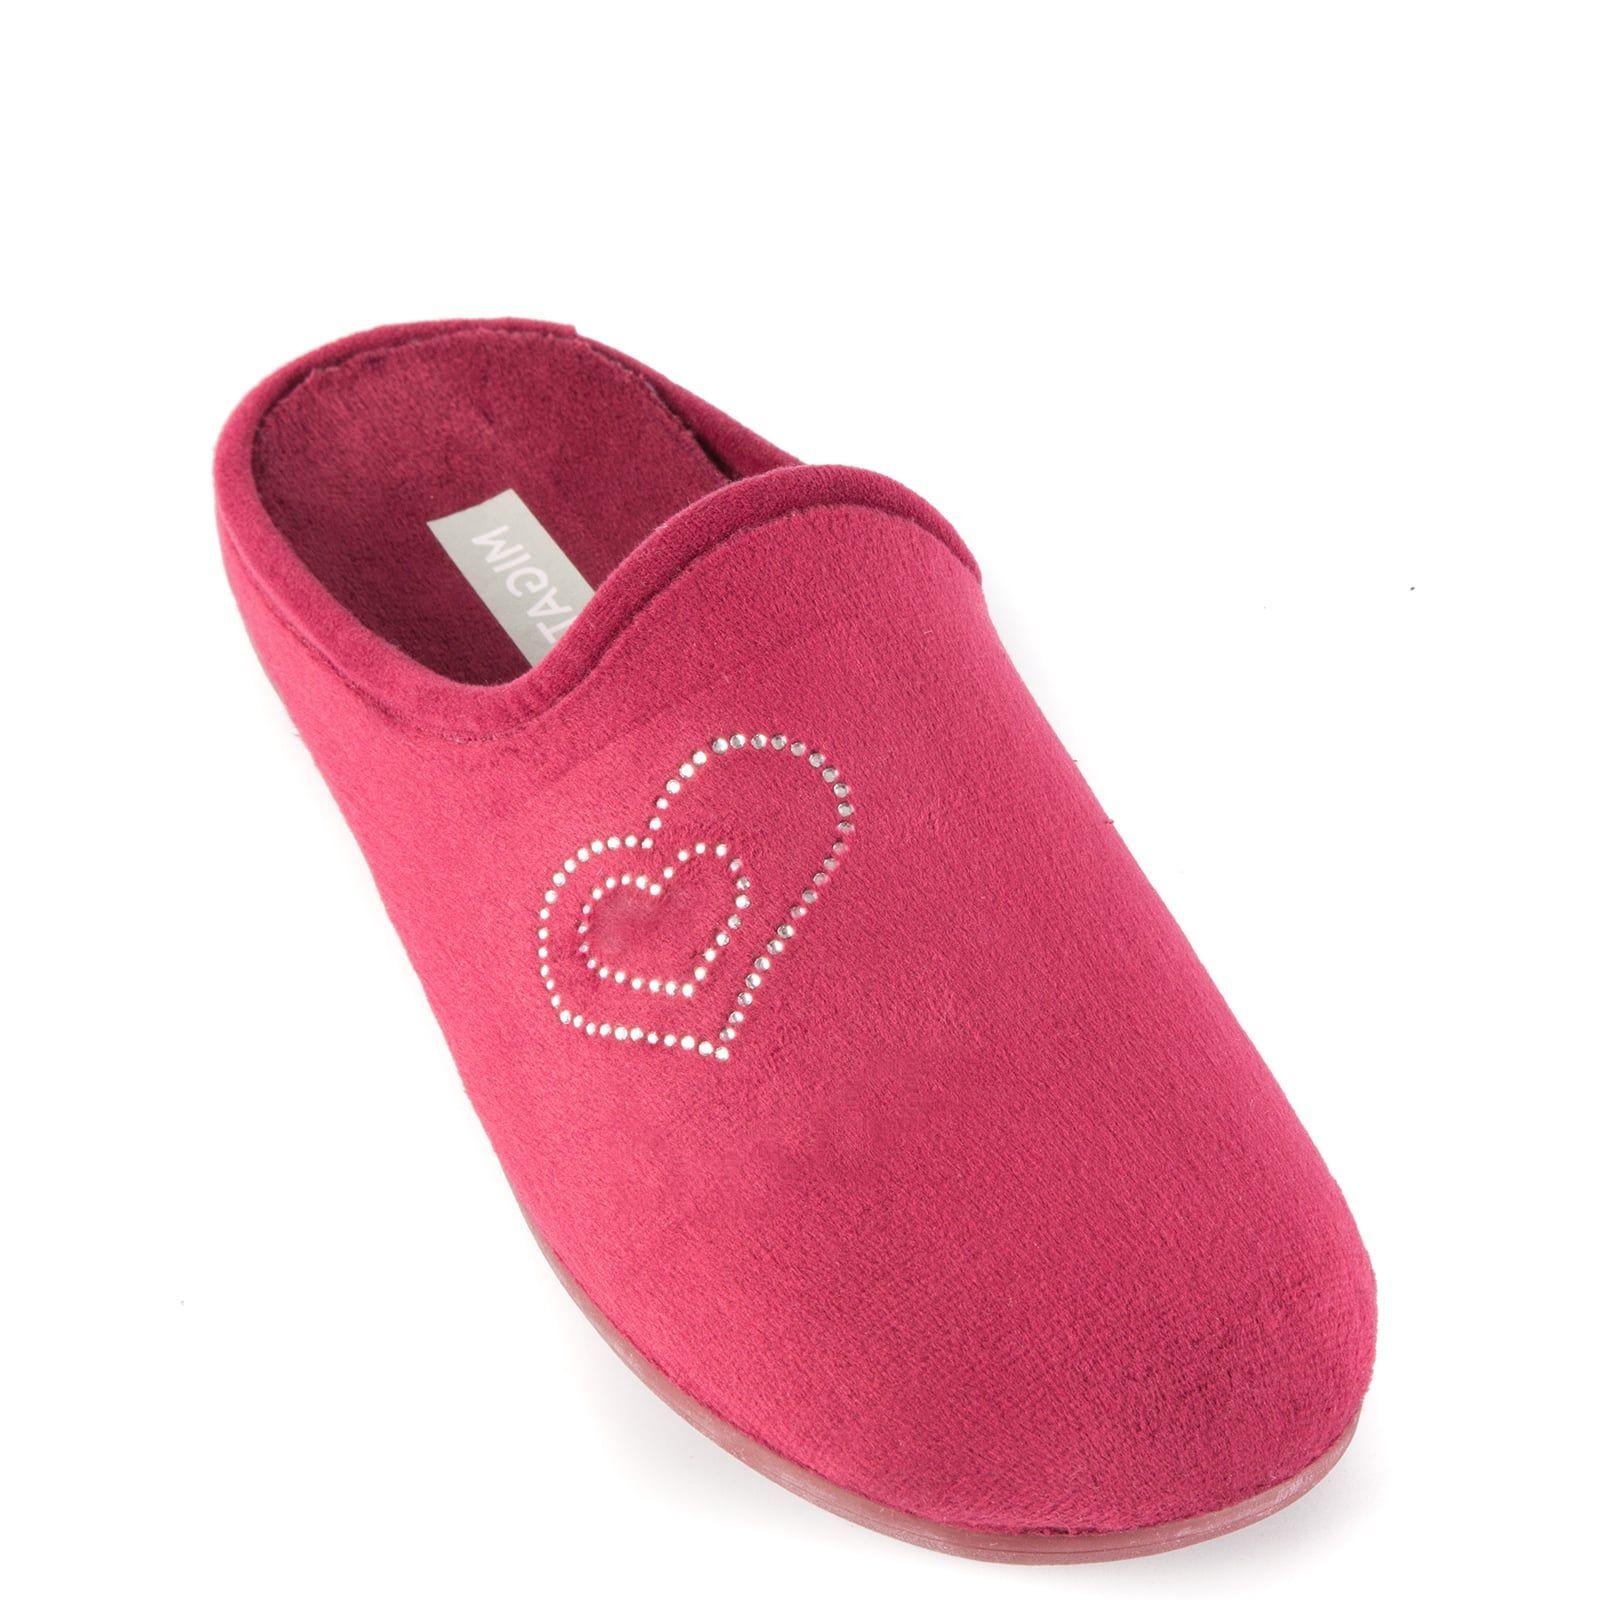 Μπορντώ παντόφλα με καρδιές στρας CD13106-L09 < Γυναικείες Παντόφλες  Σπιτιού   MIGATO